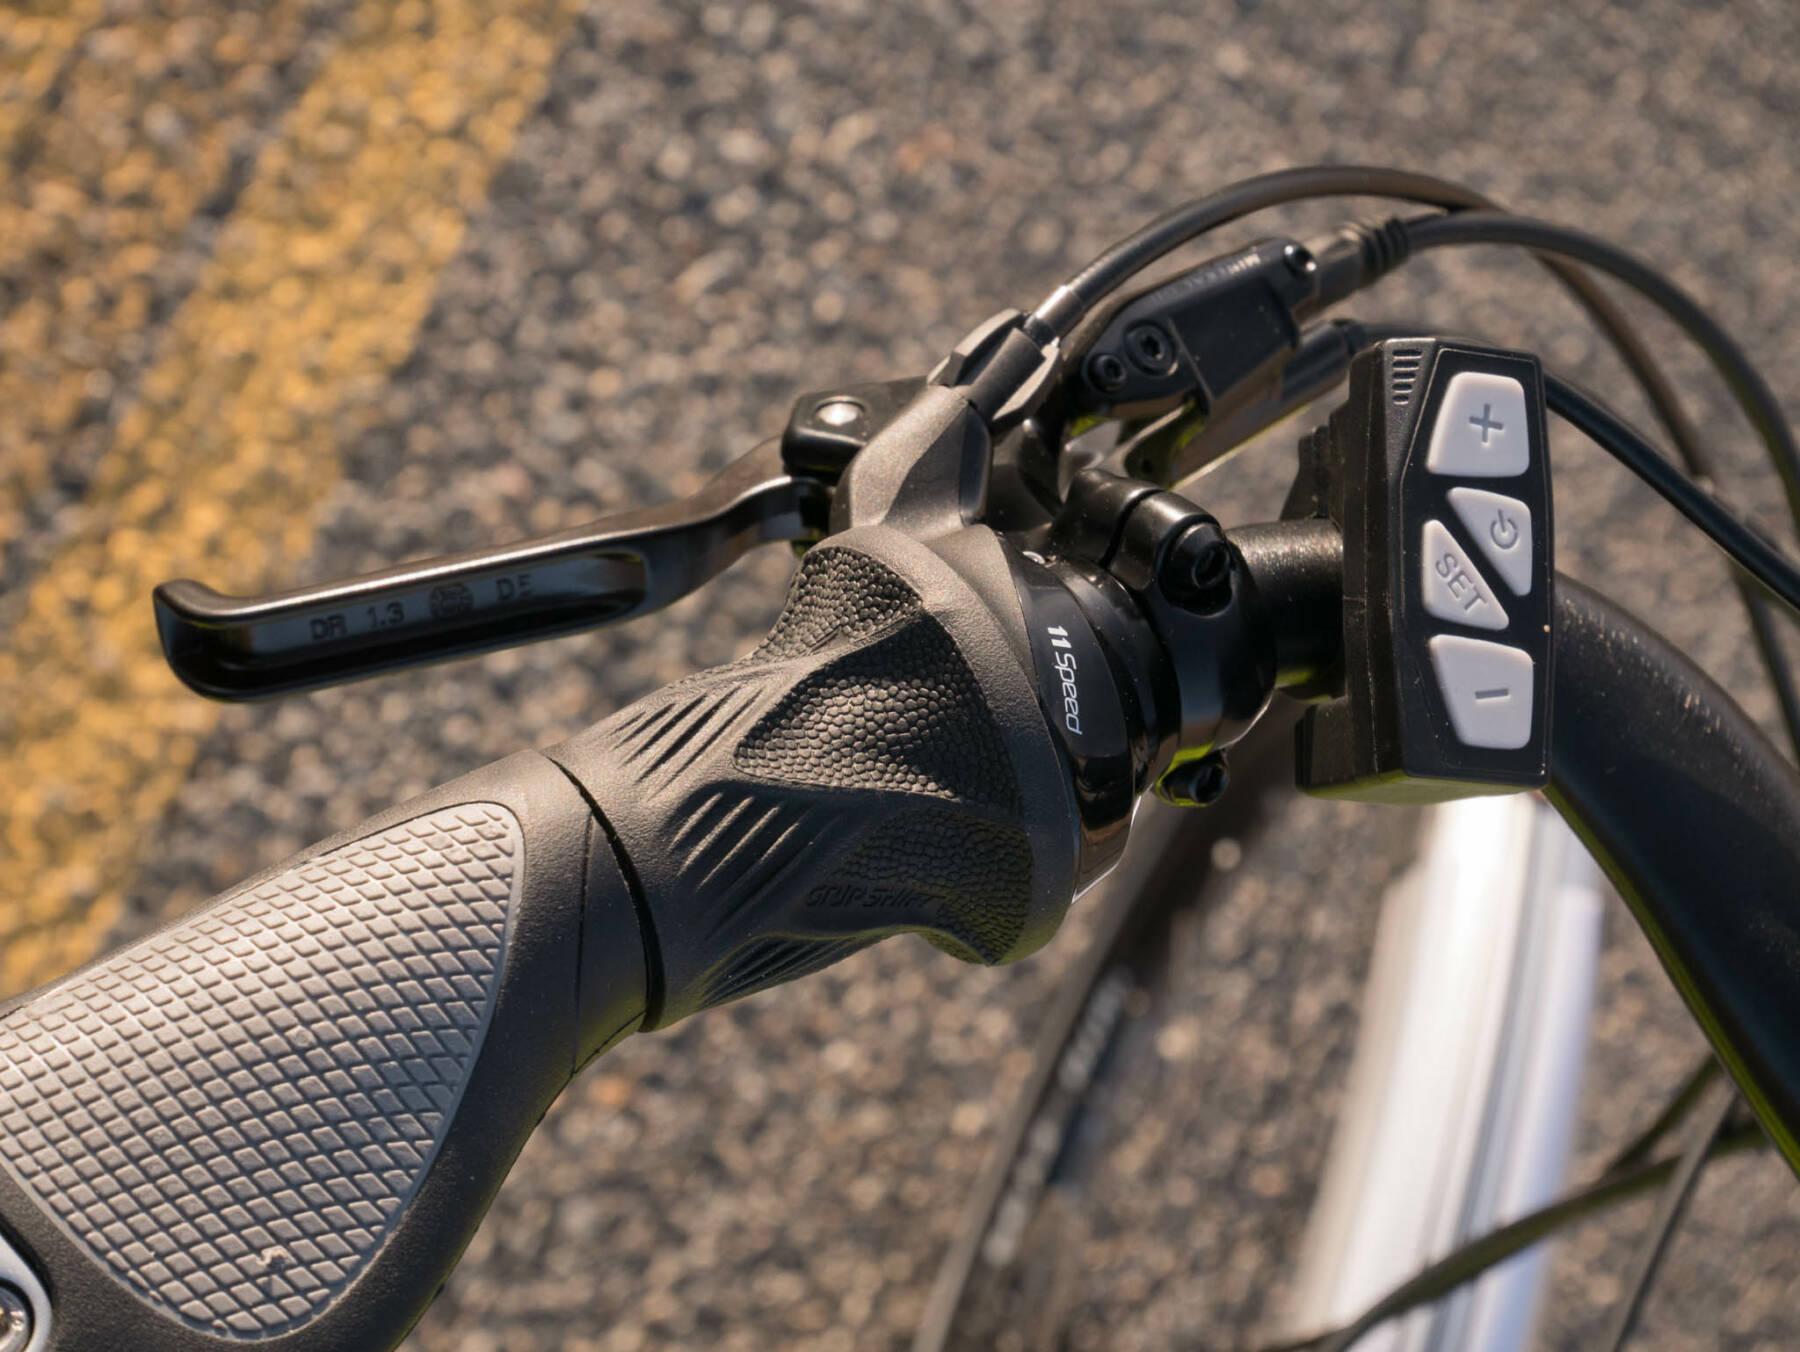 Rocky Mountain Commuter Grip Shifter